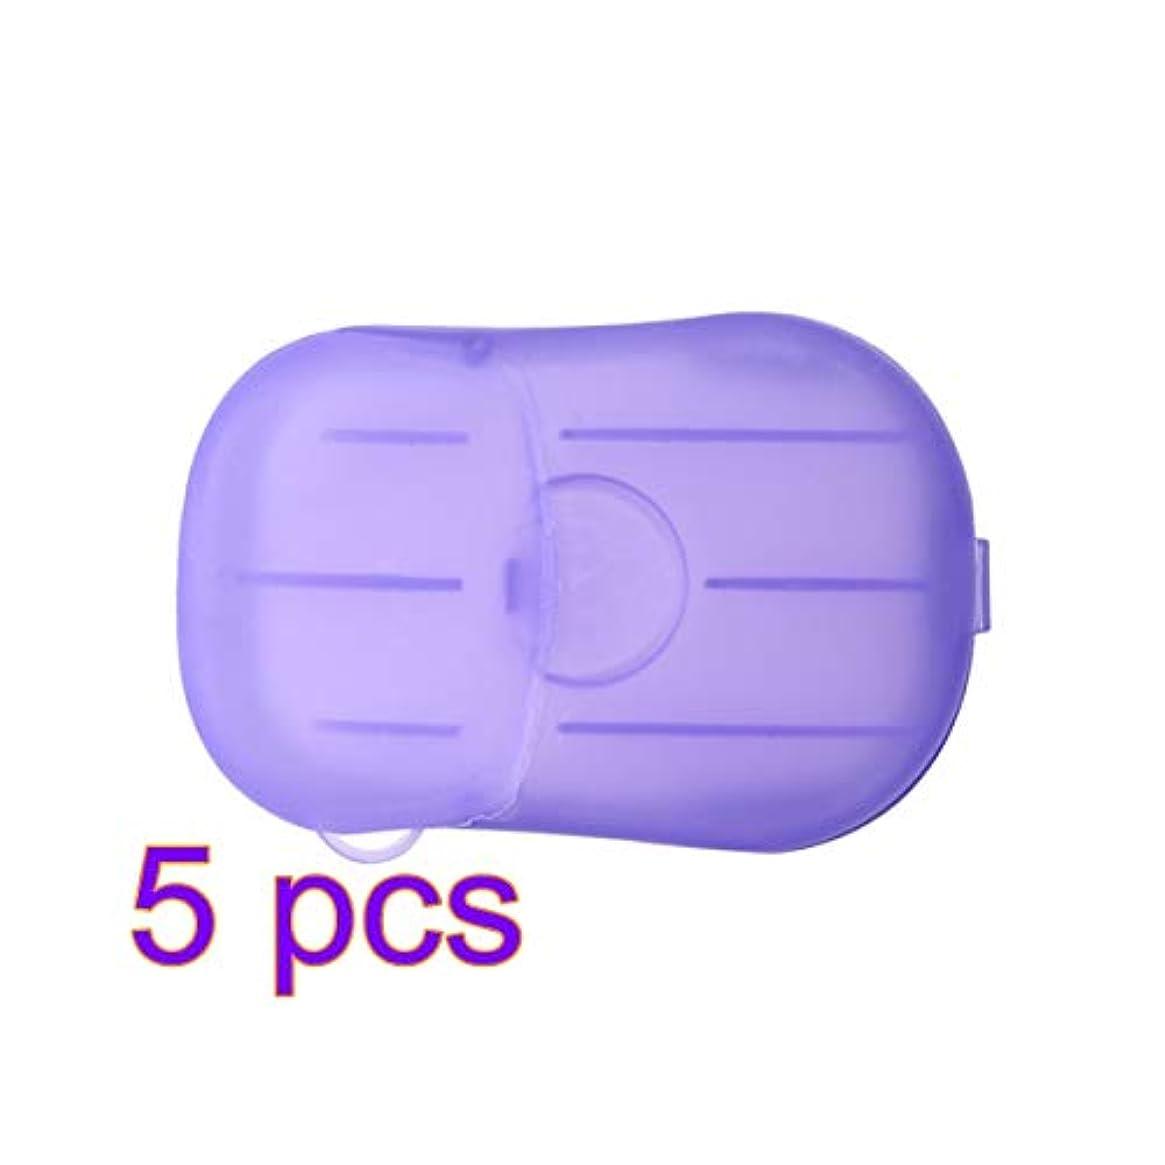 硬い郵便局公演LIOOBO 5セットポータブルソープペーパー使い捨て手洗いペーパーソープスライスシーツ子供用大人トイレ旅行屋外用(パープル)